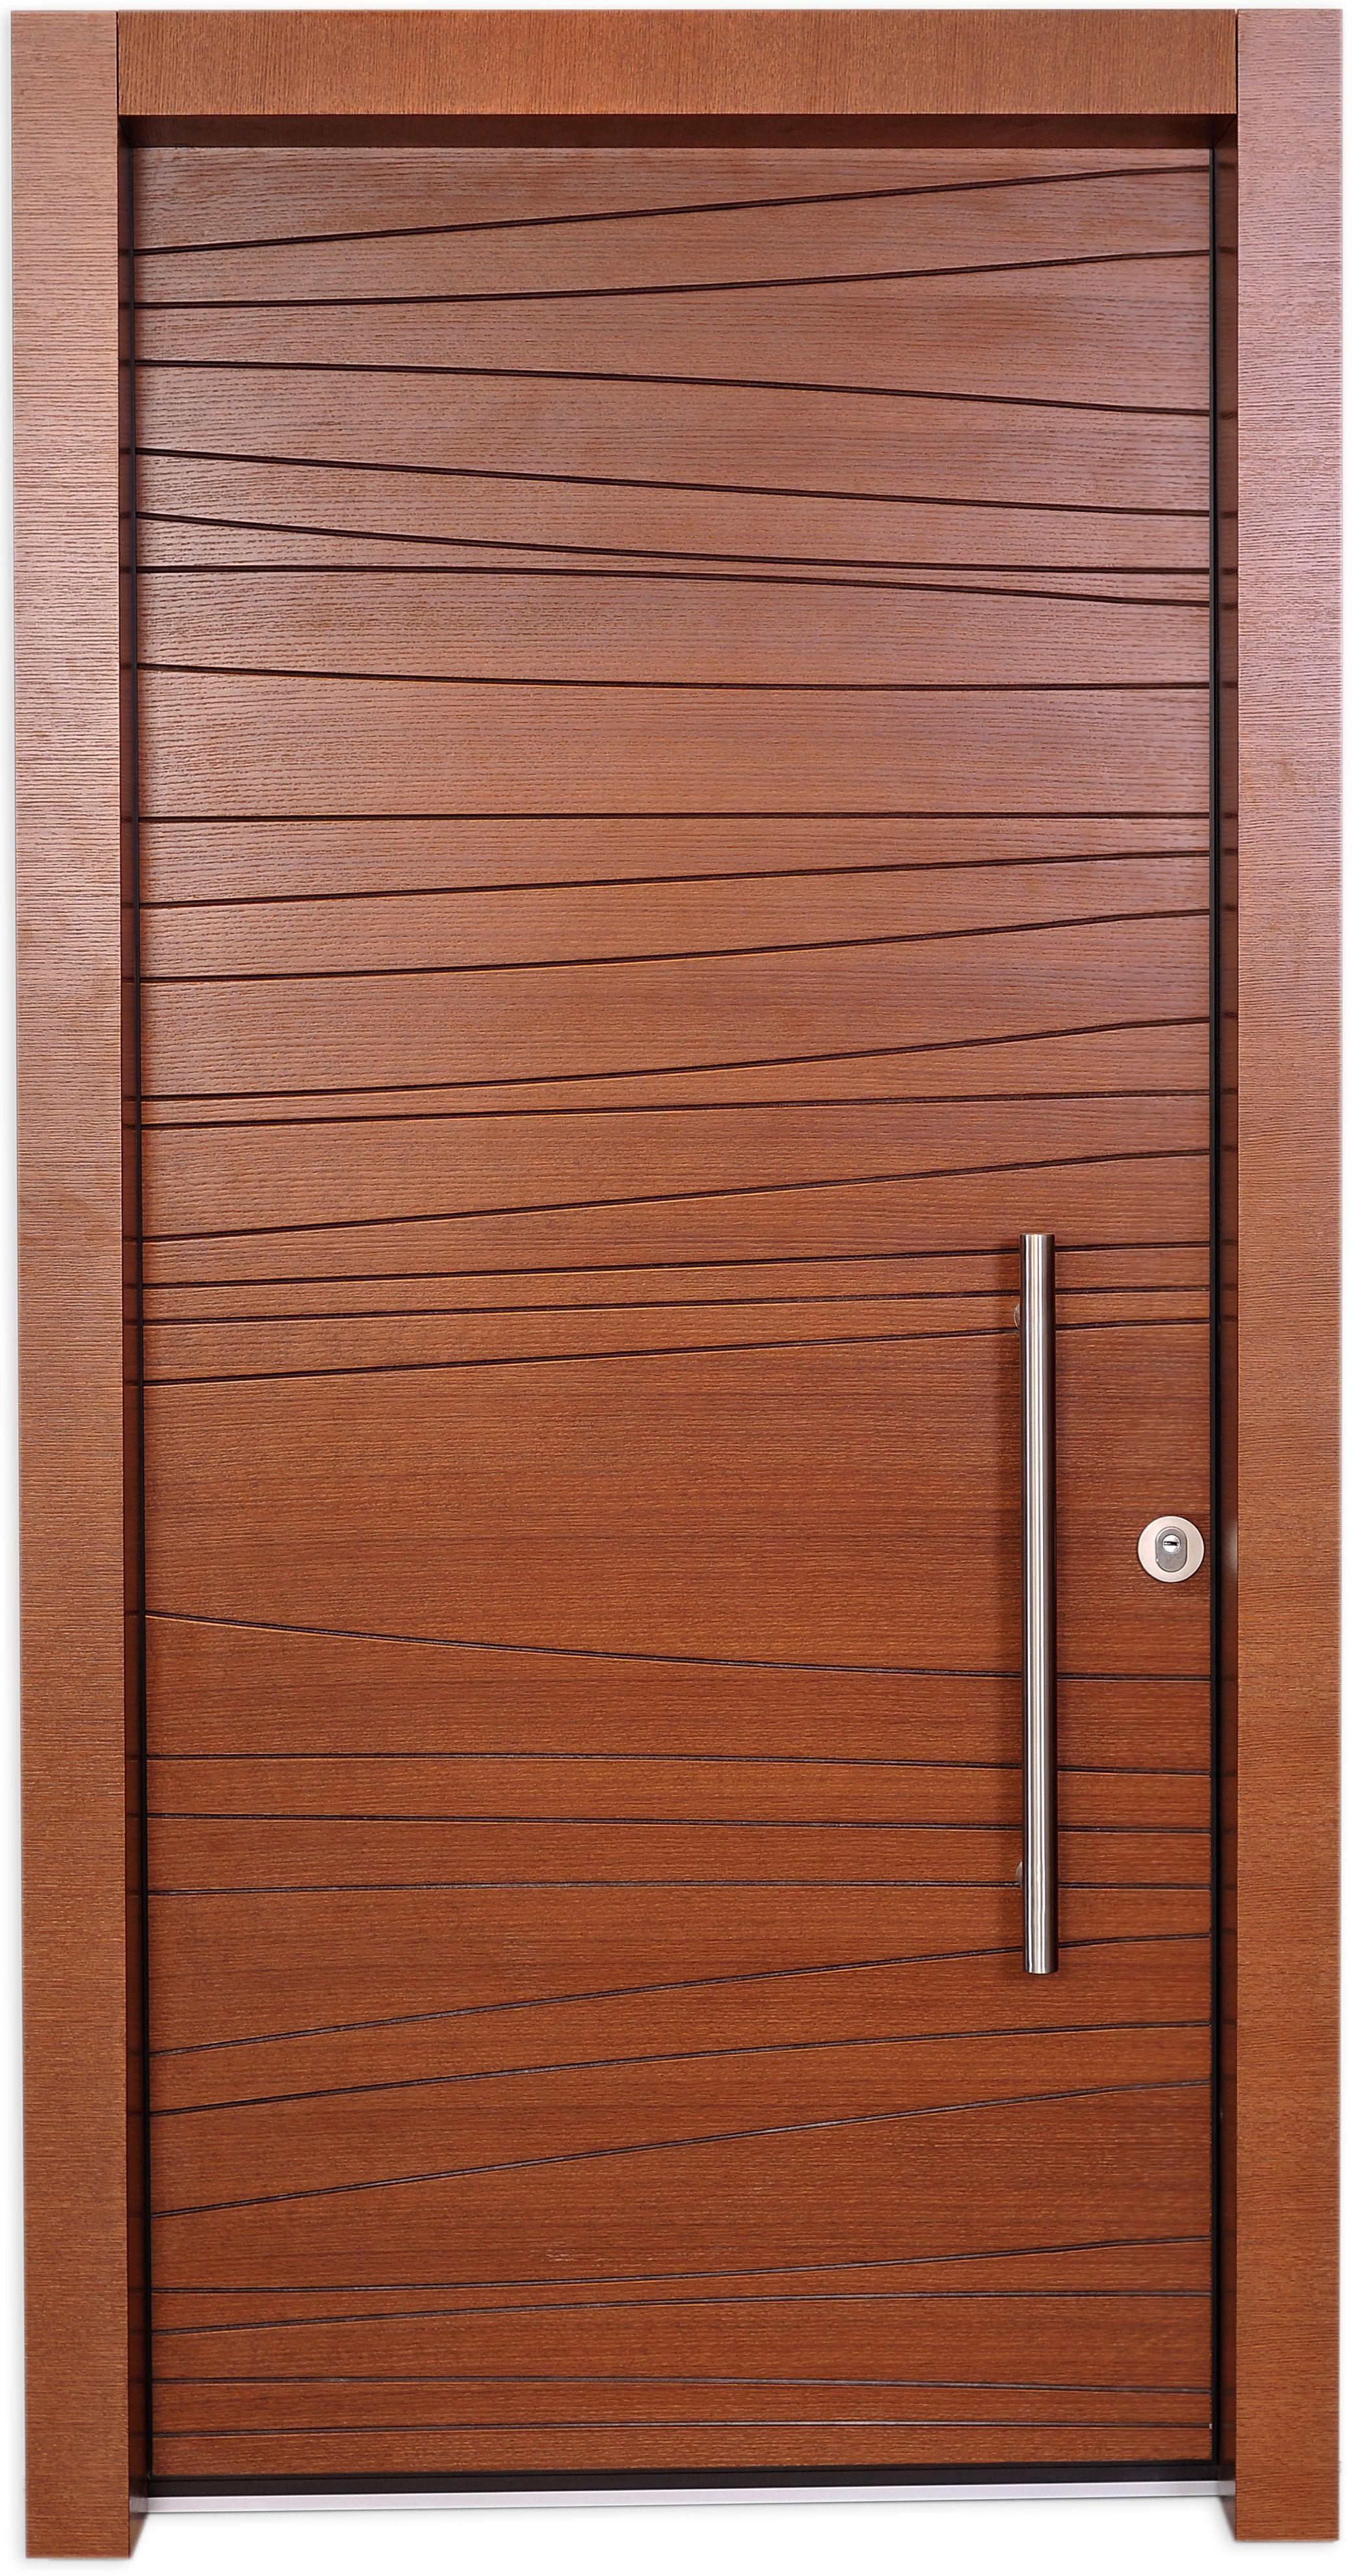 Pin De Reshafim Doors En Entrance Decorative Security Door By Reshafim Barandales De Vidrio Puertas Interiores Diseno Interiores De Lujo